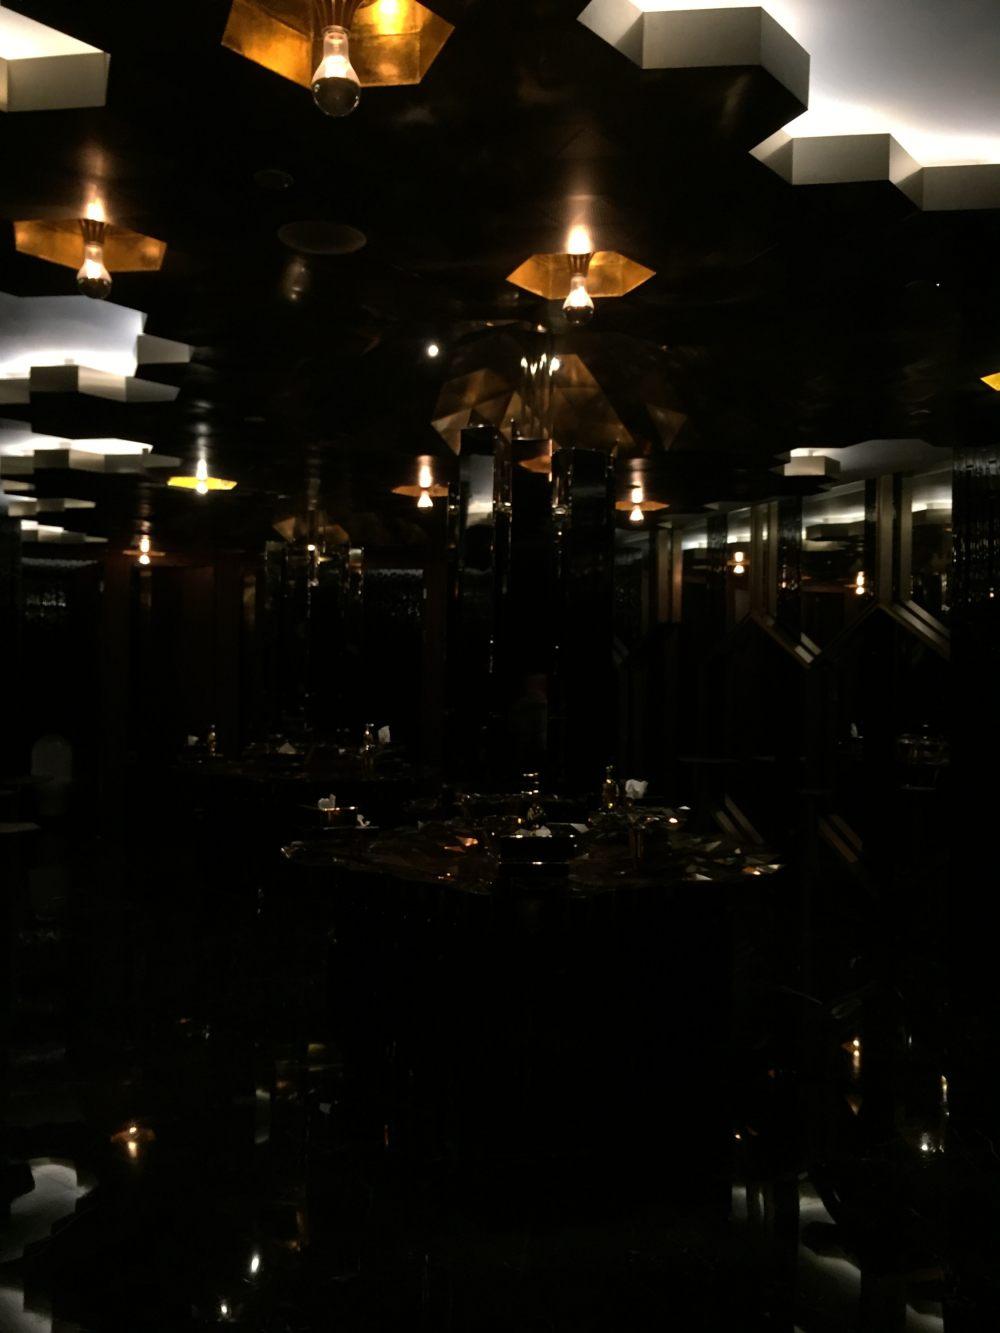 上海外滩W酒店,史上最全入住体验 自拍分享,申请置...._IMG_6085.JPG